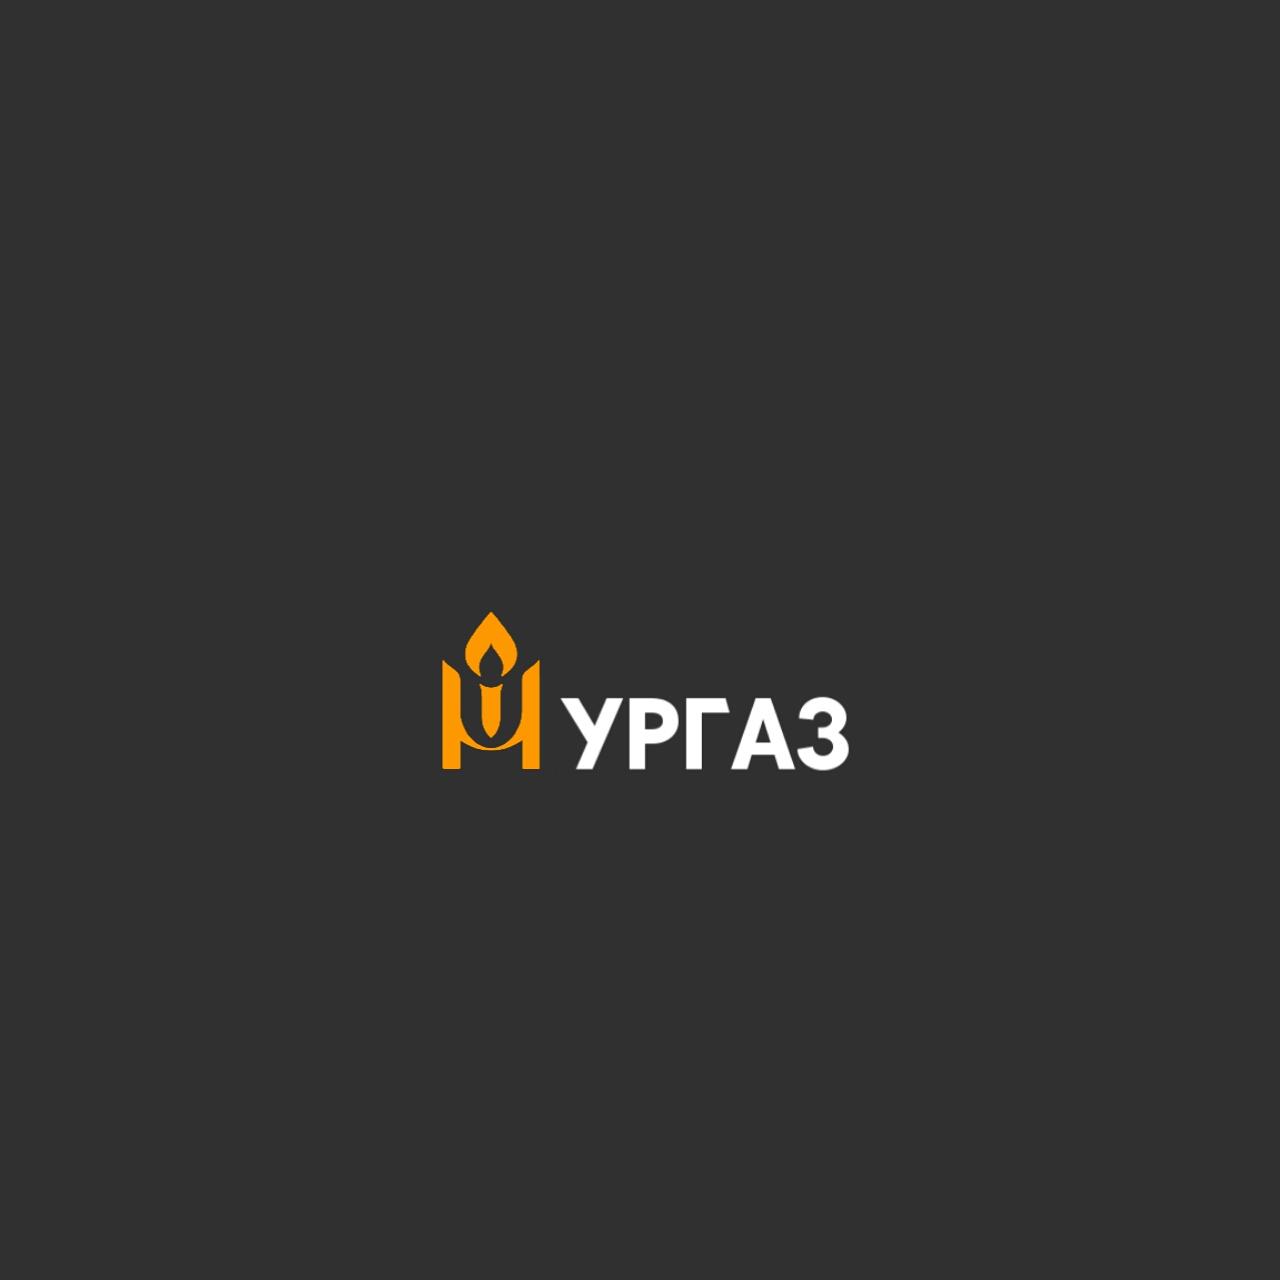 Разработка логотипа и фирменного стиля фото f_0175da0c369eae34.jpg